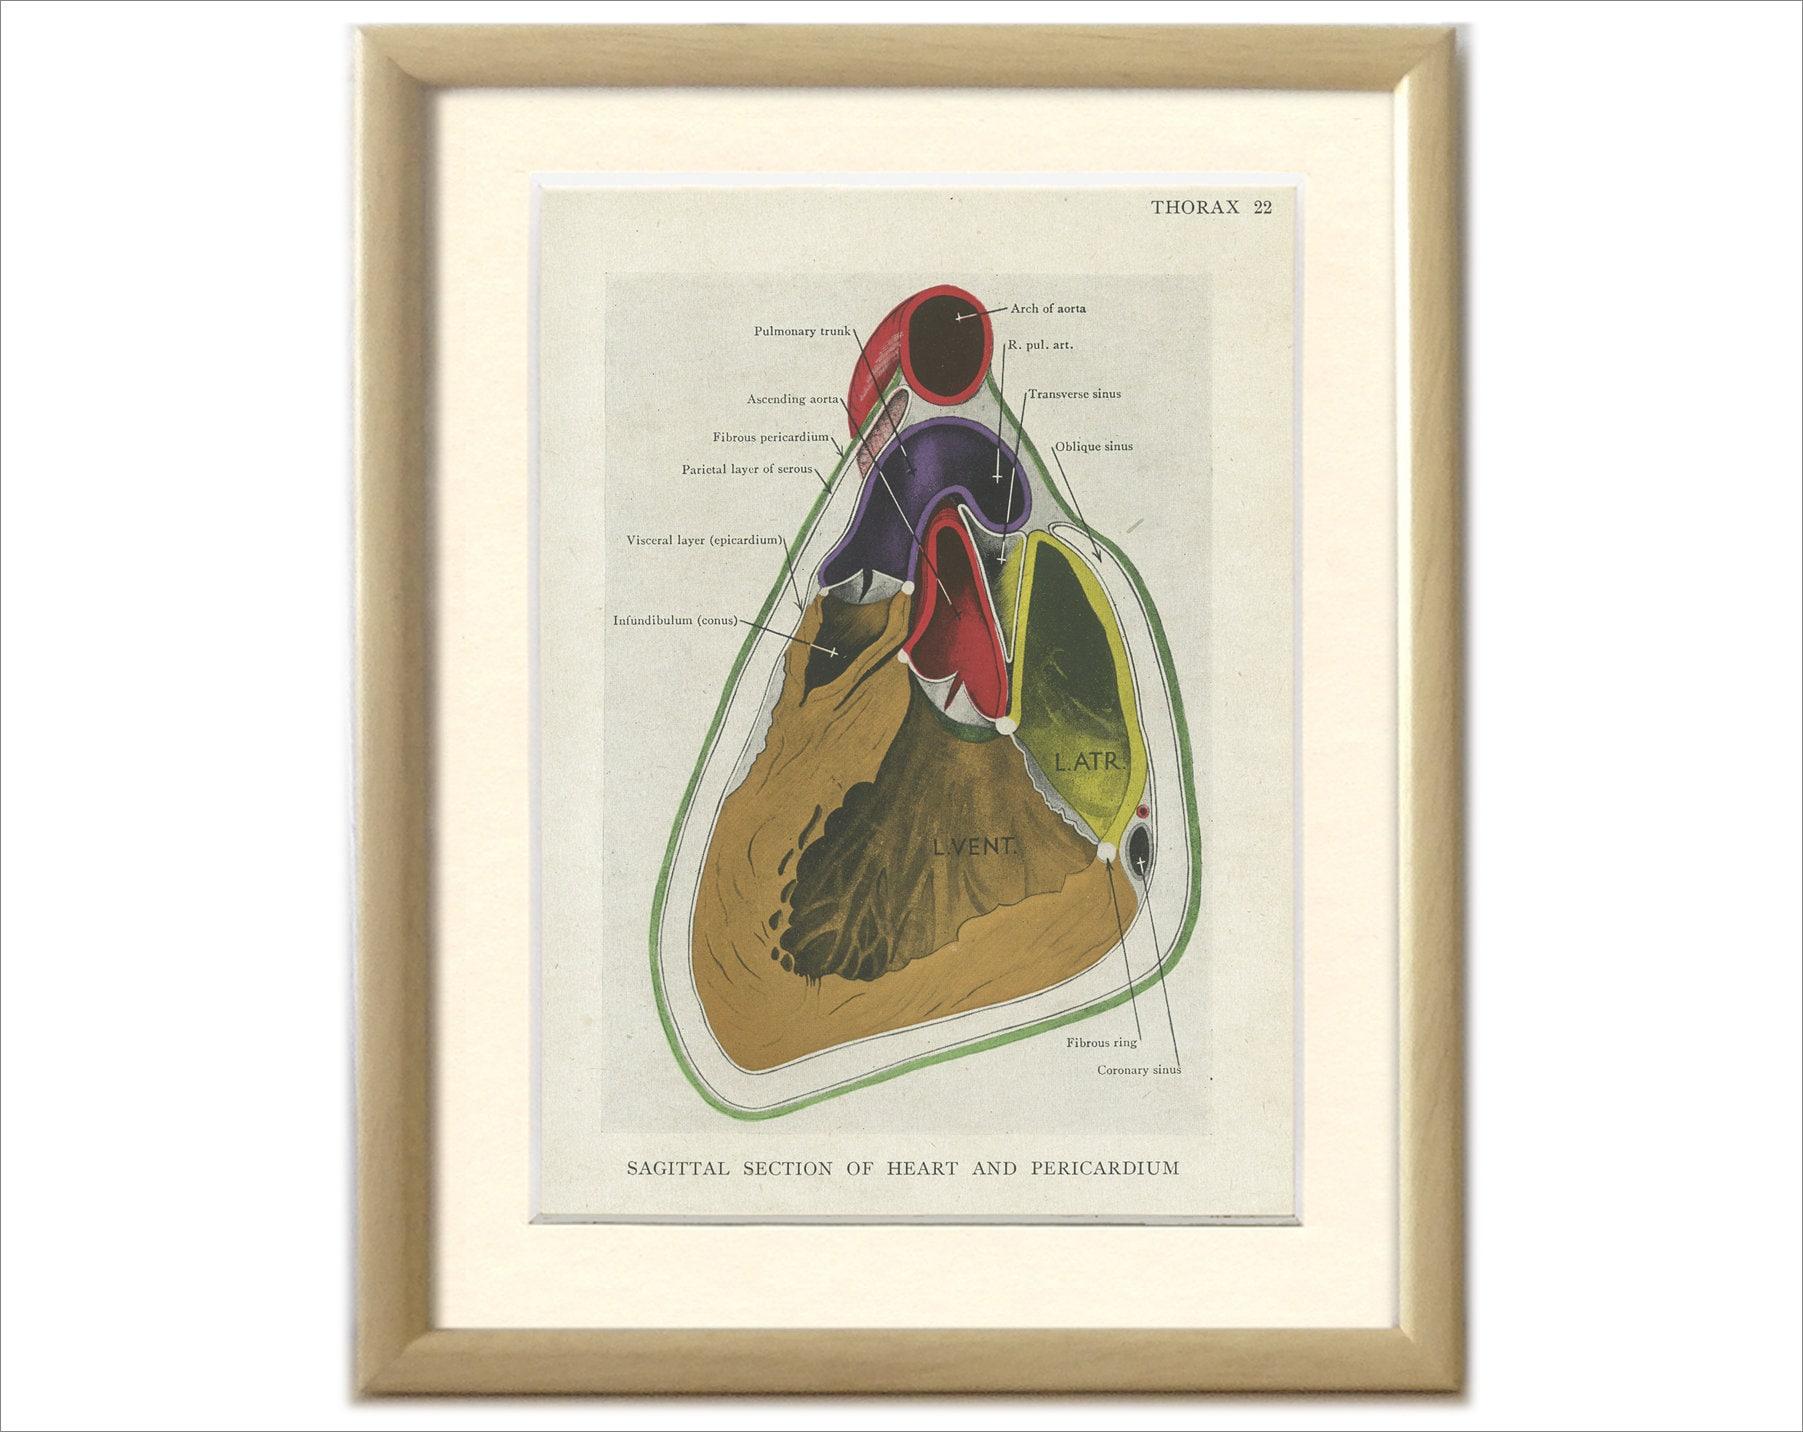 Sagittale Abschnitt des Perikards Thorax Herz Jahrgang